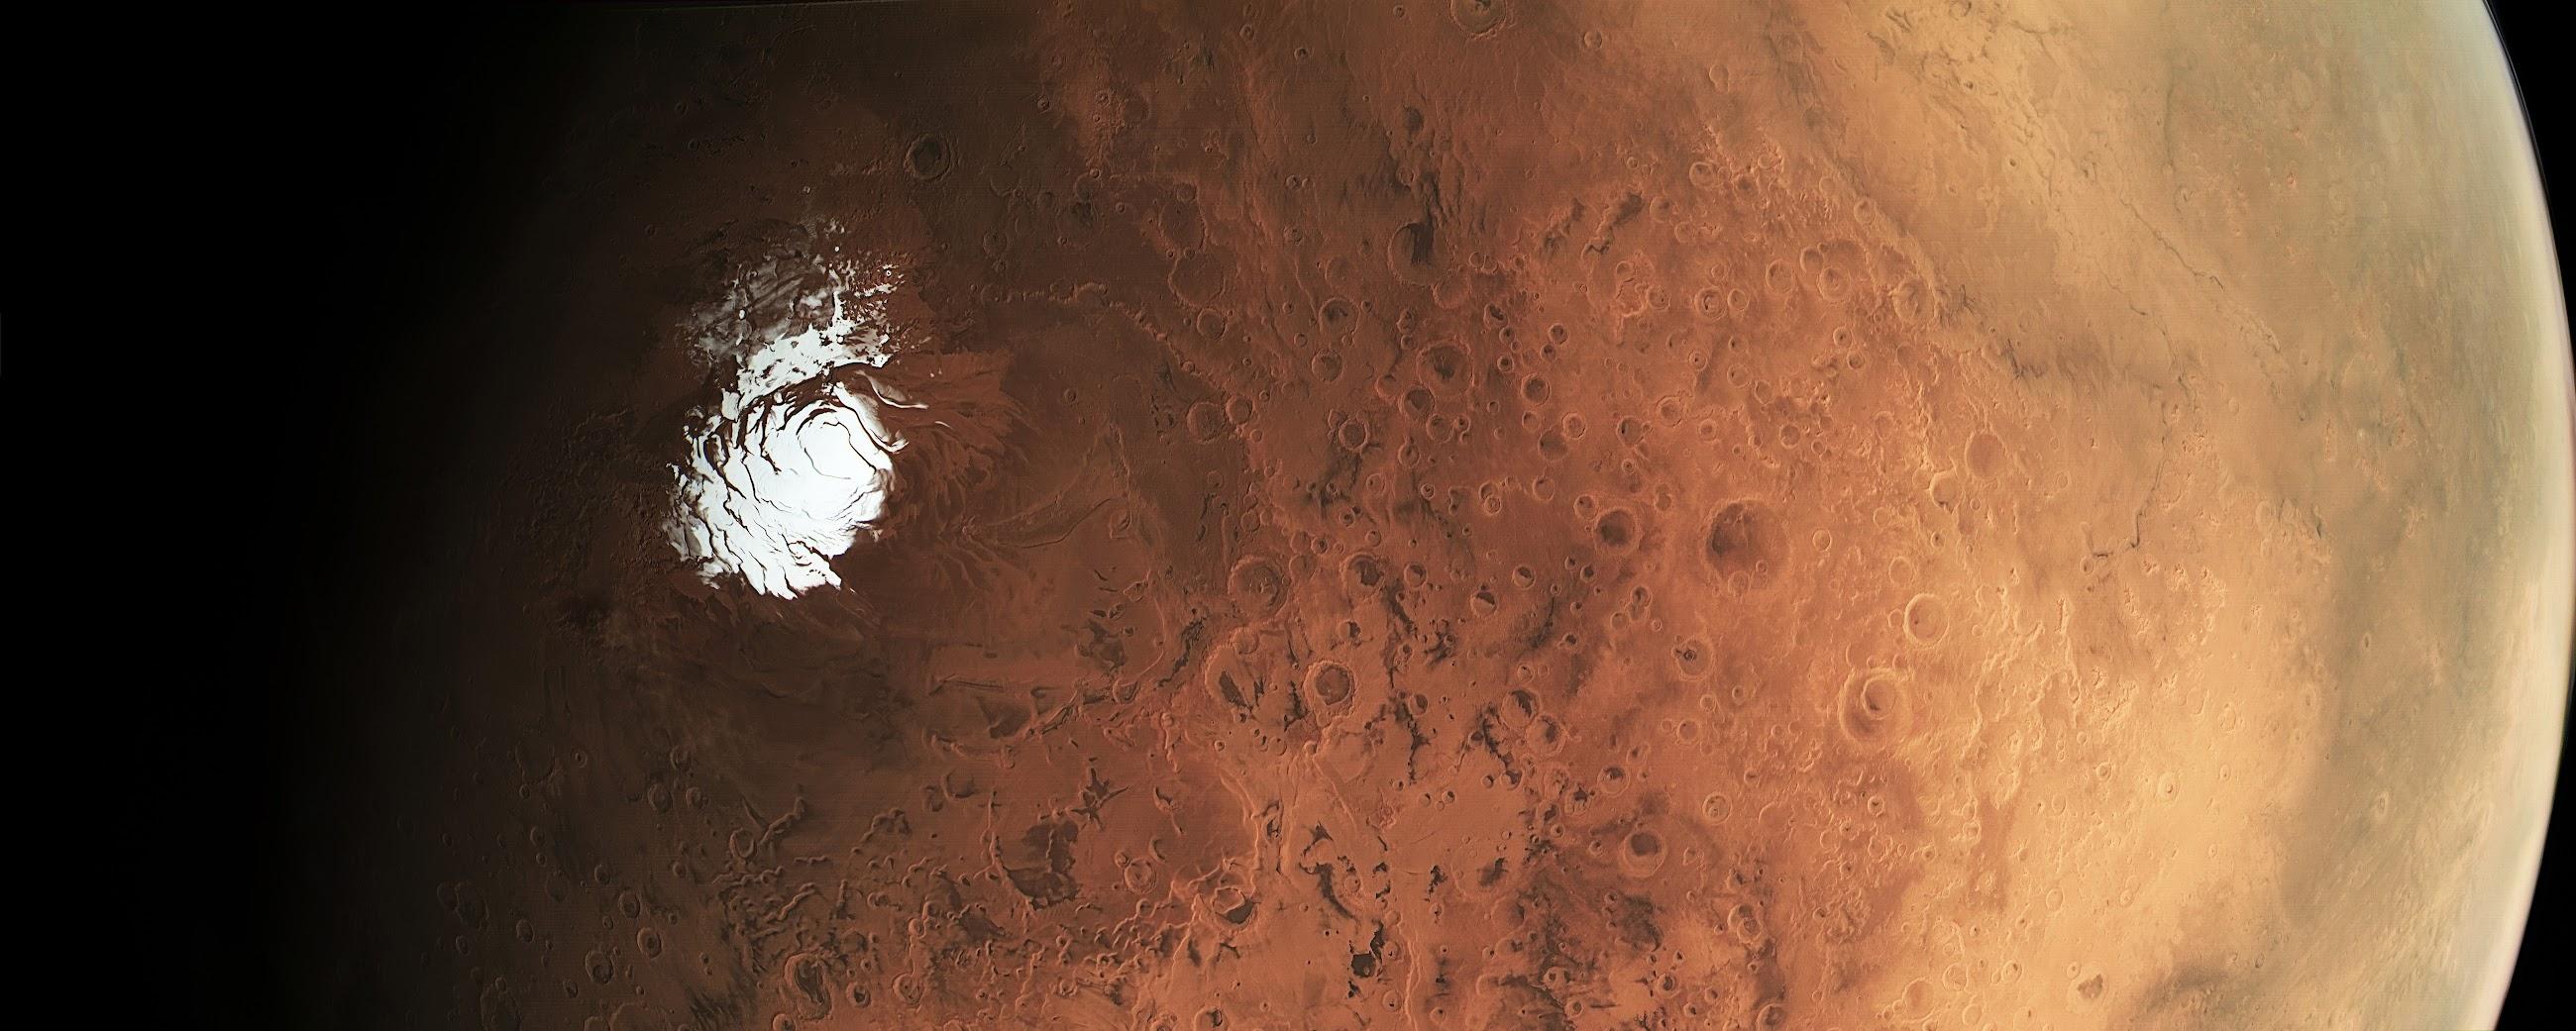 https://lh3.googleusercontent.com/-3MCpfLWEDtE/Vge7xuIDuhI/AAAAAAAACWs/oZVDDTe5GkM/s2600-Ic42/MEX-Mars_south_pole_and_beyond.jpg